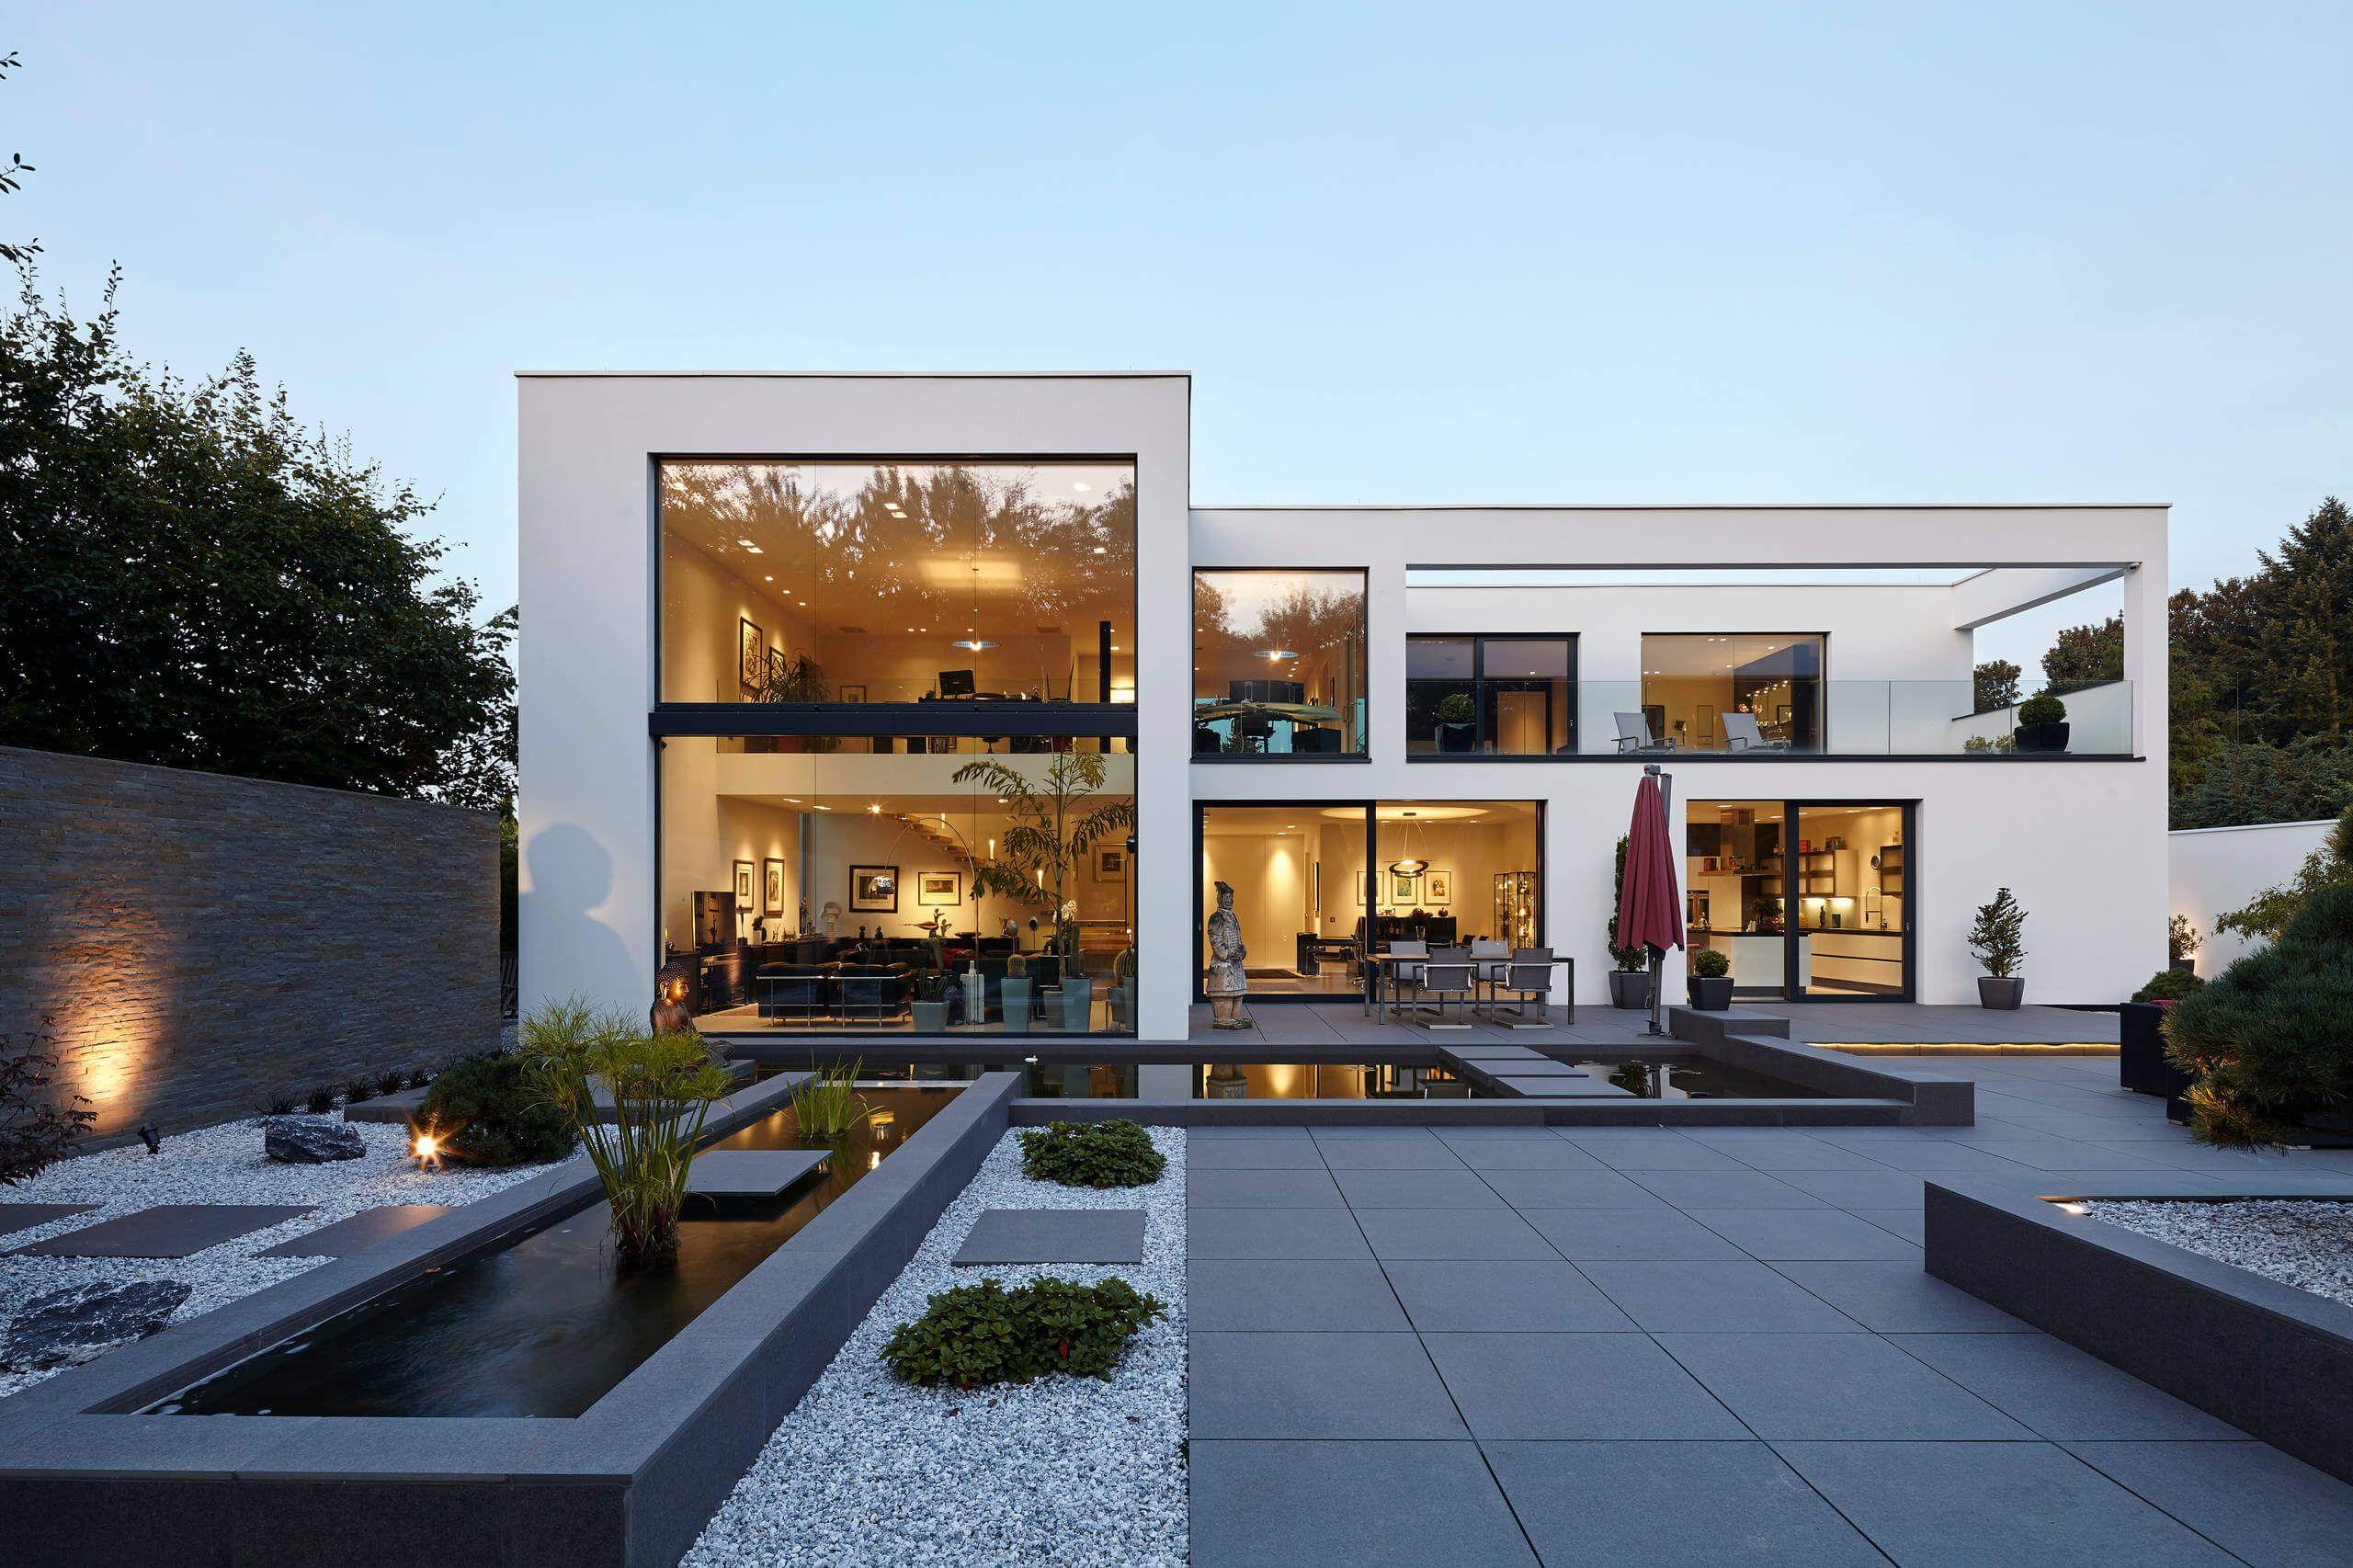 Casa Dormagen villa in dormagen by falke architekten house villas